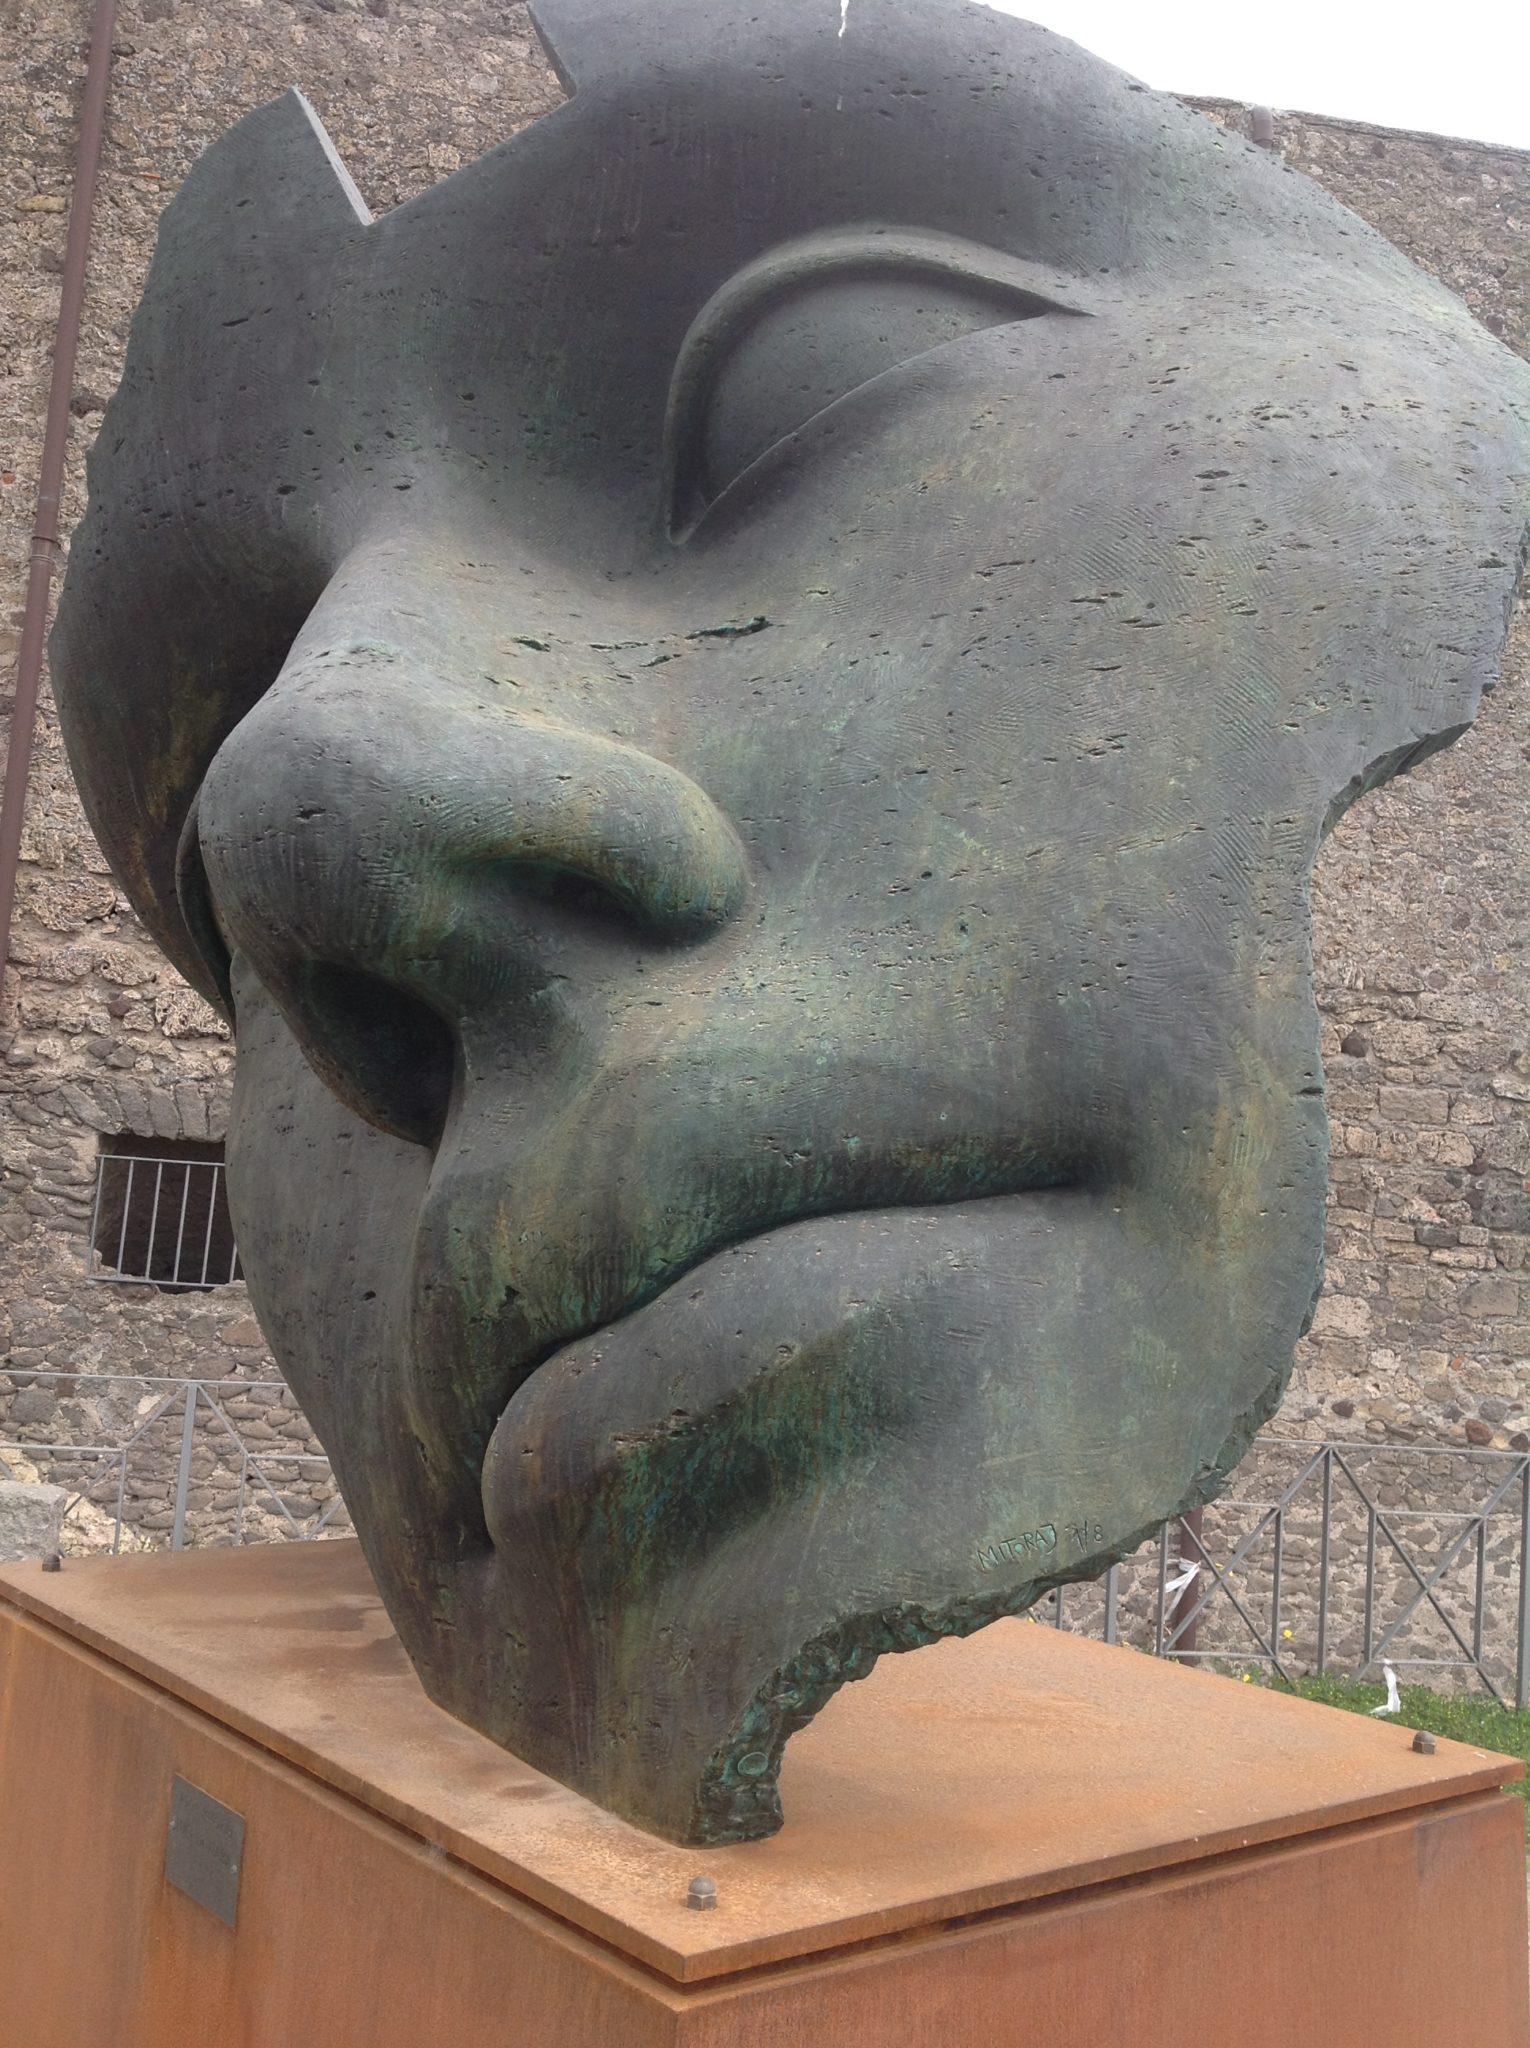 Mitoraj a Pompei. Le sculture monumentali tra le rovine archeologiche